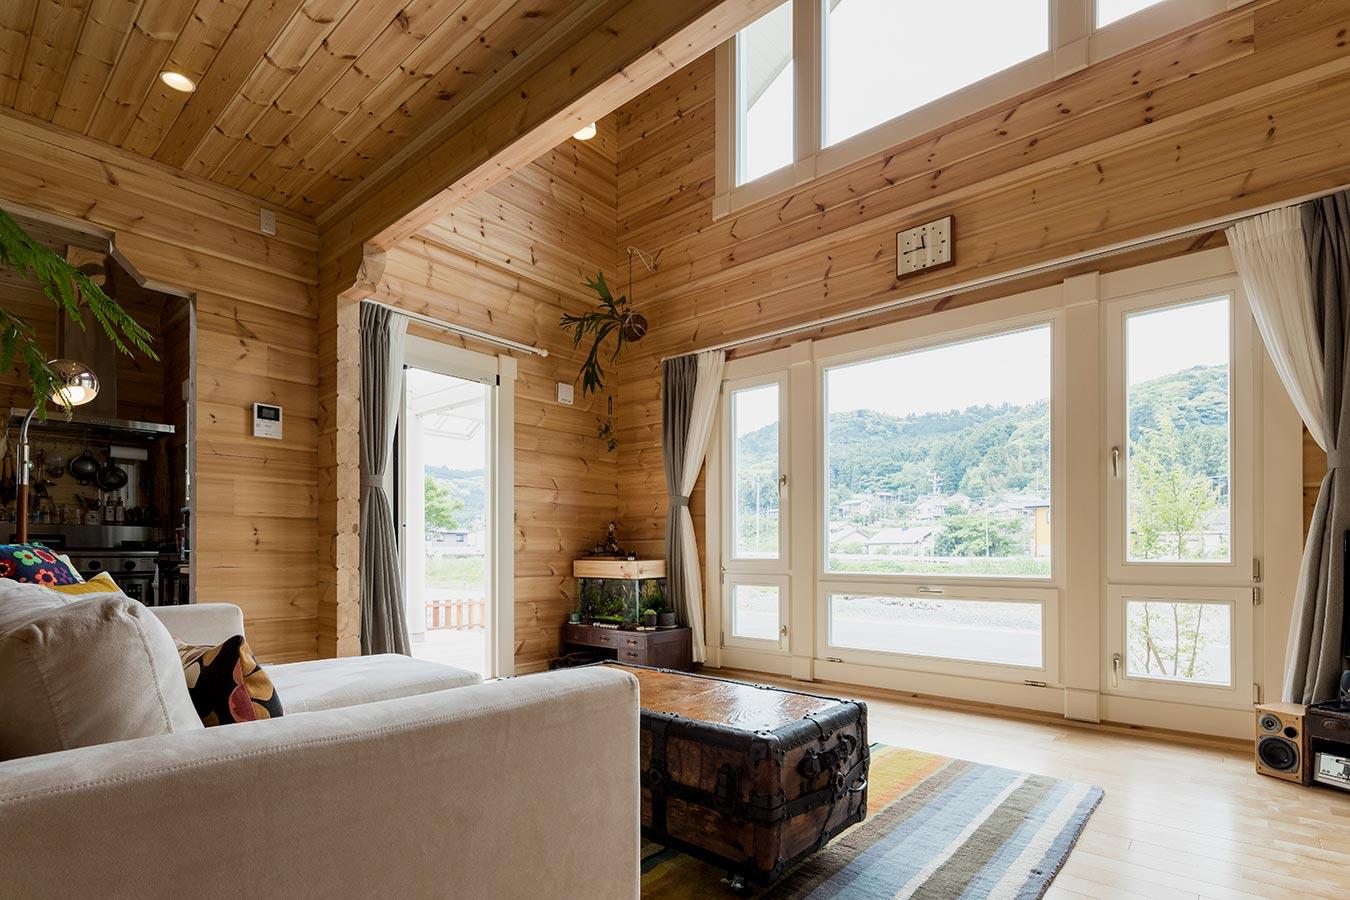 大きな窓の向こうには川と森を望みます